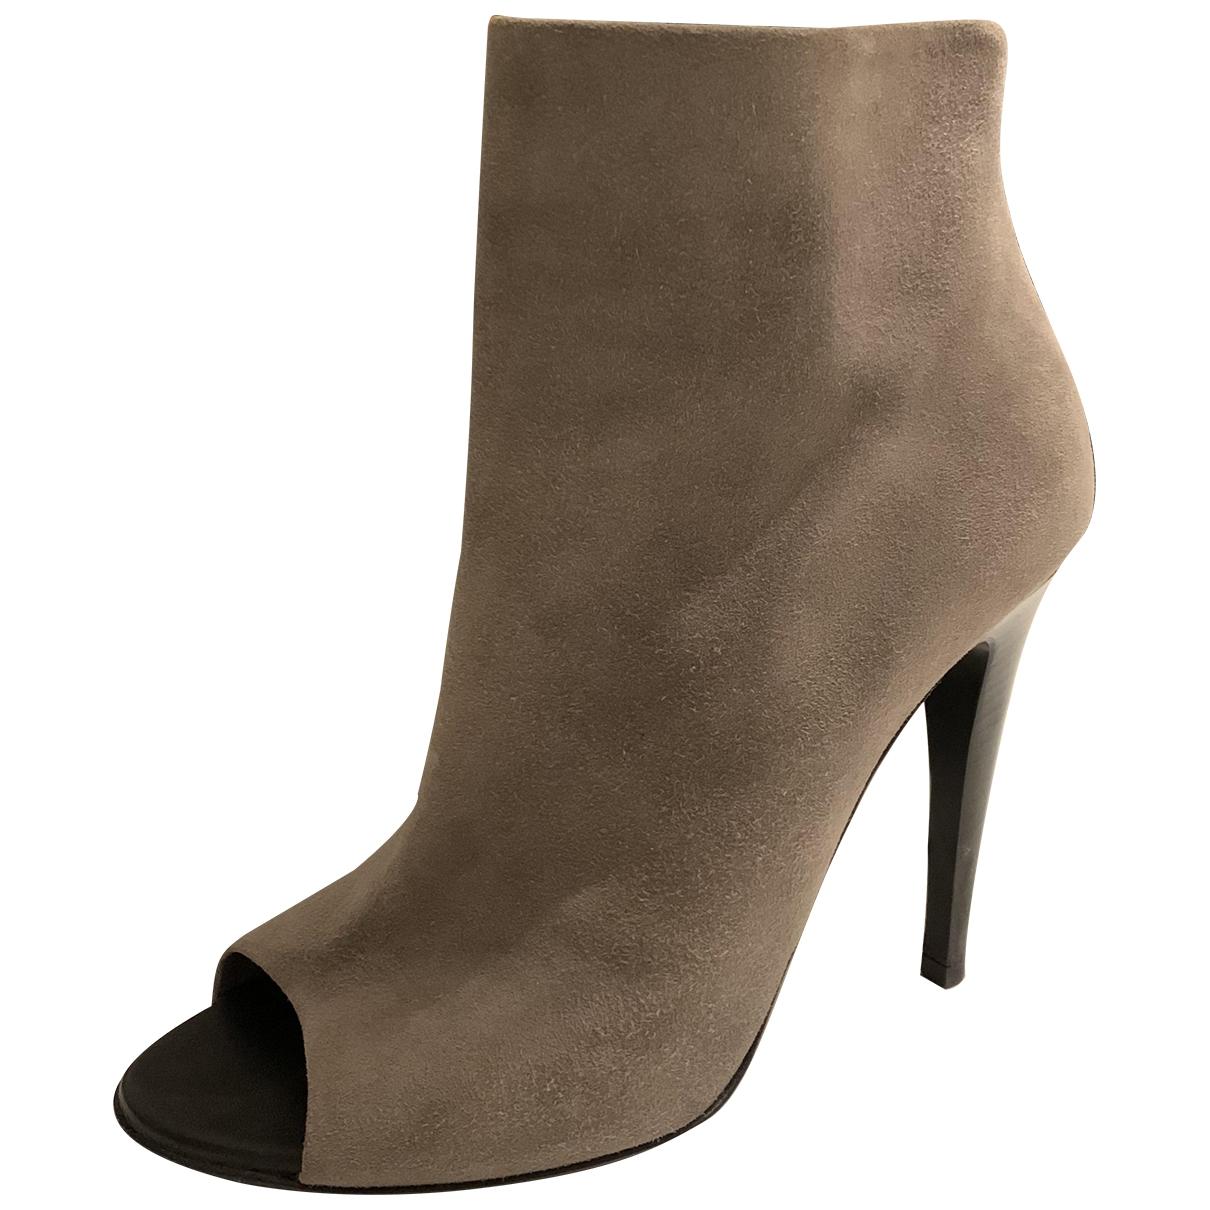 Bottega Veneta \N Suede Ankle boots for Women 38 EU